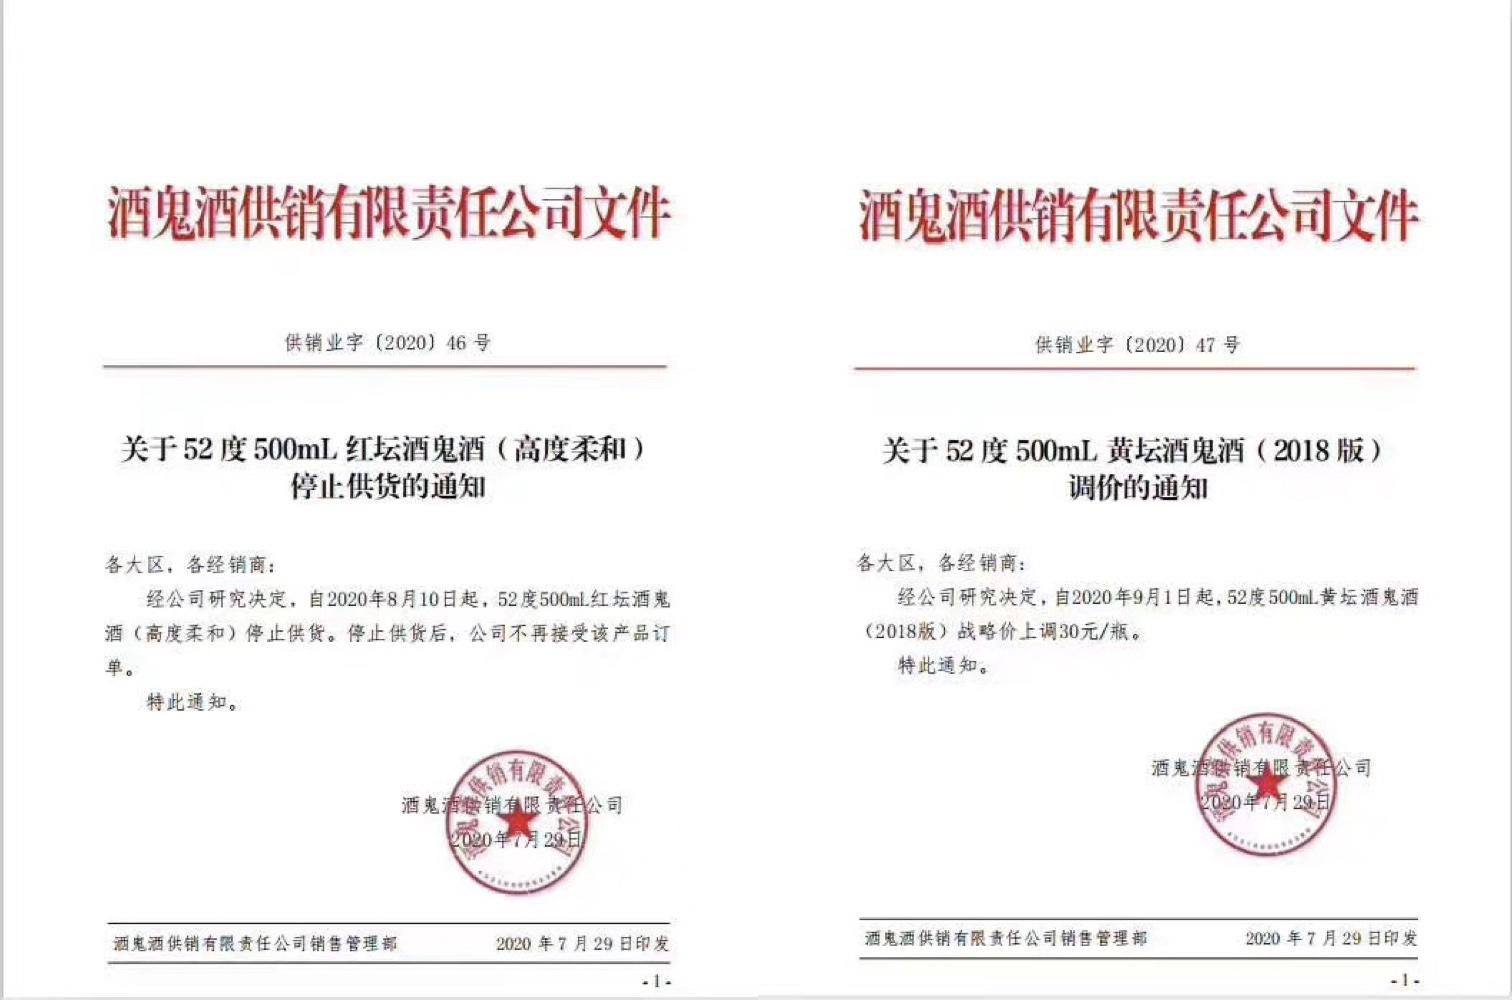 【合乐官网】红坛黄合乐官网坛产品做出图片